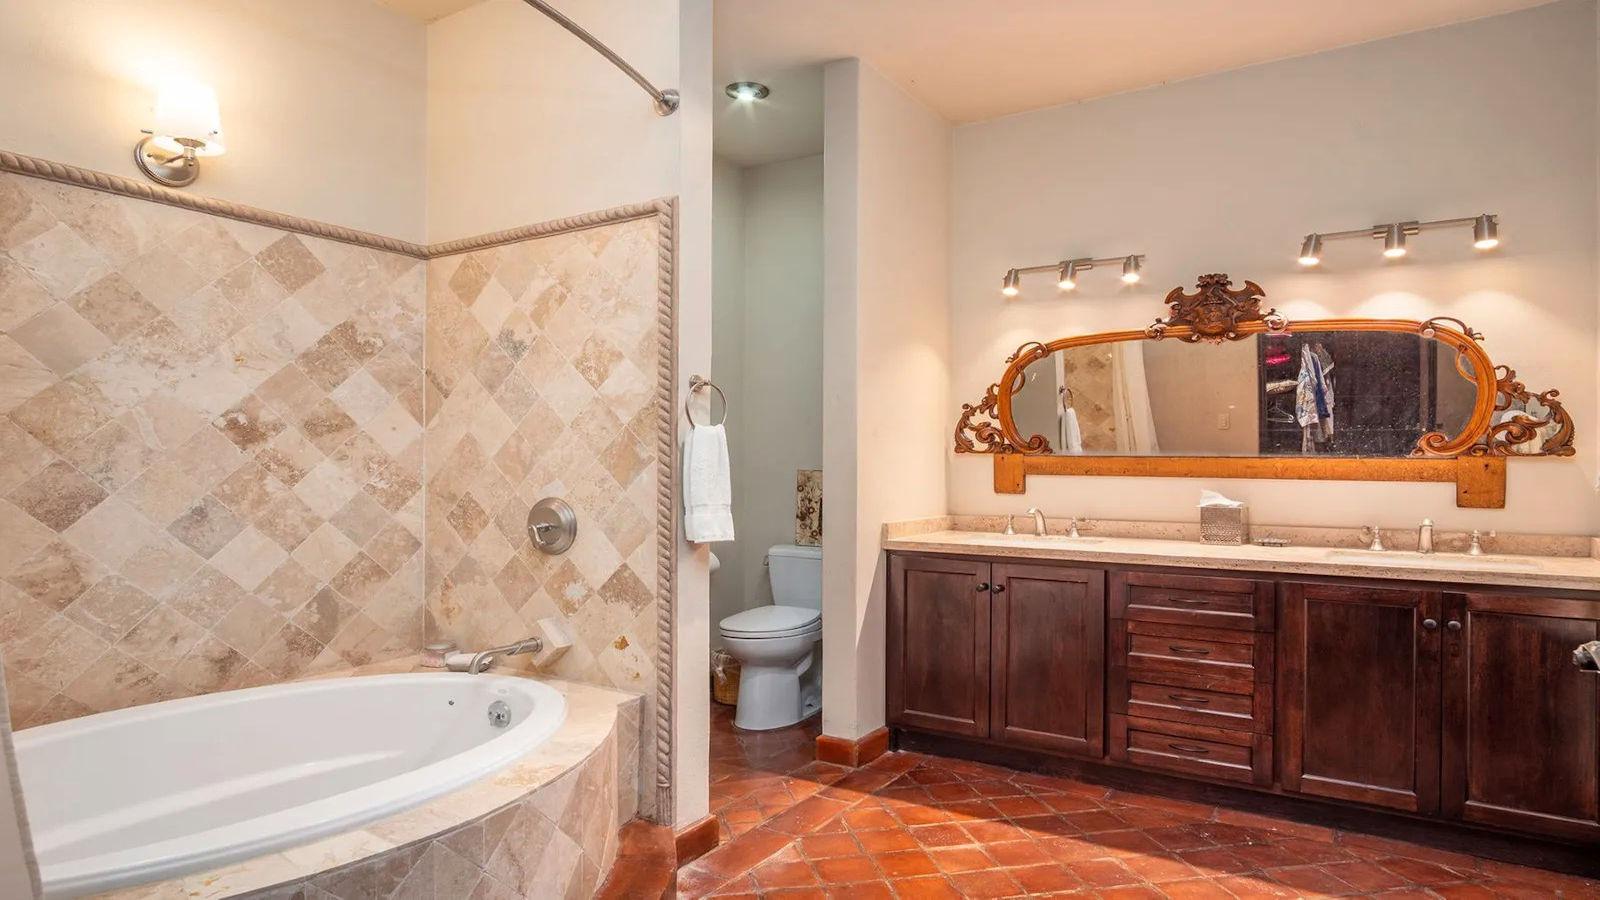 Crystal Calderoni Casa Por Fin - San Miguel de Allende (11)